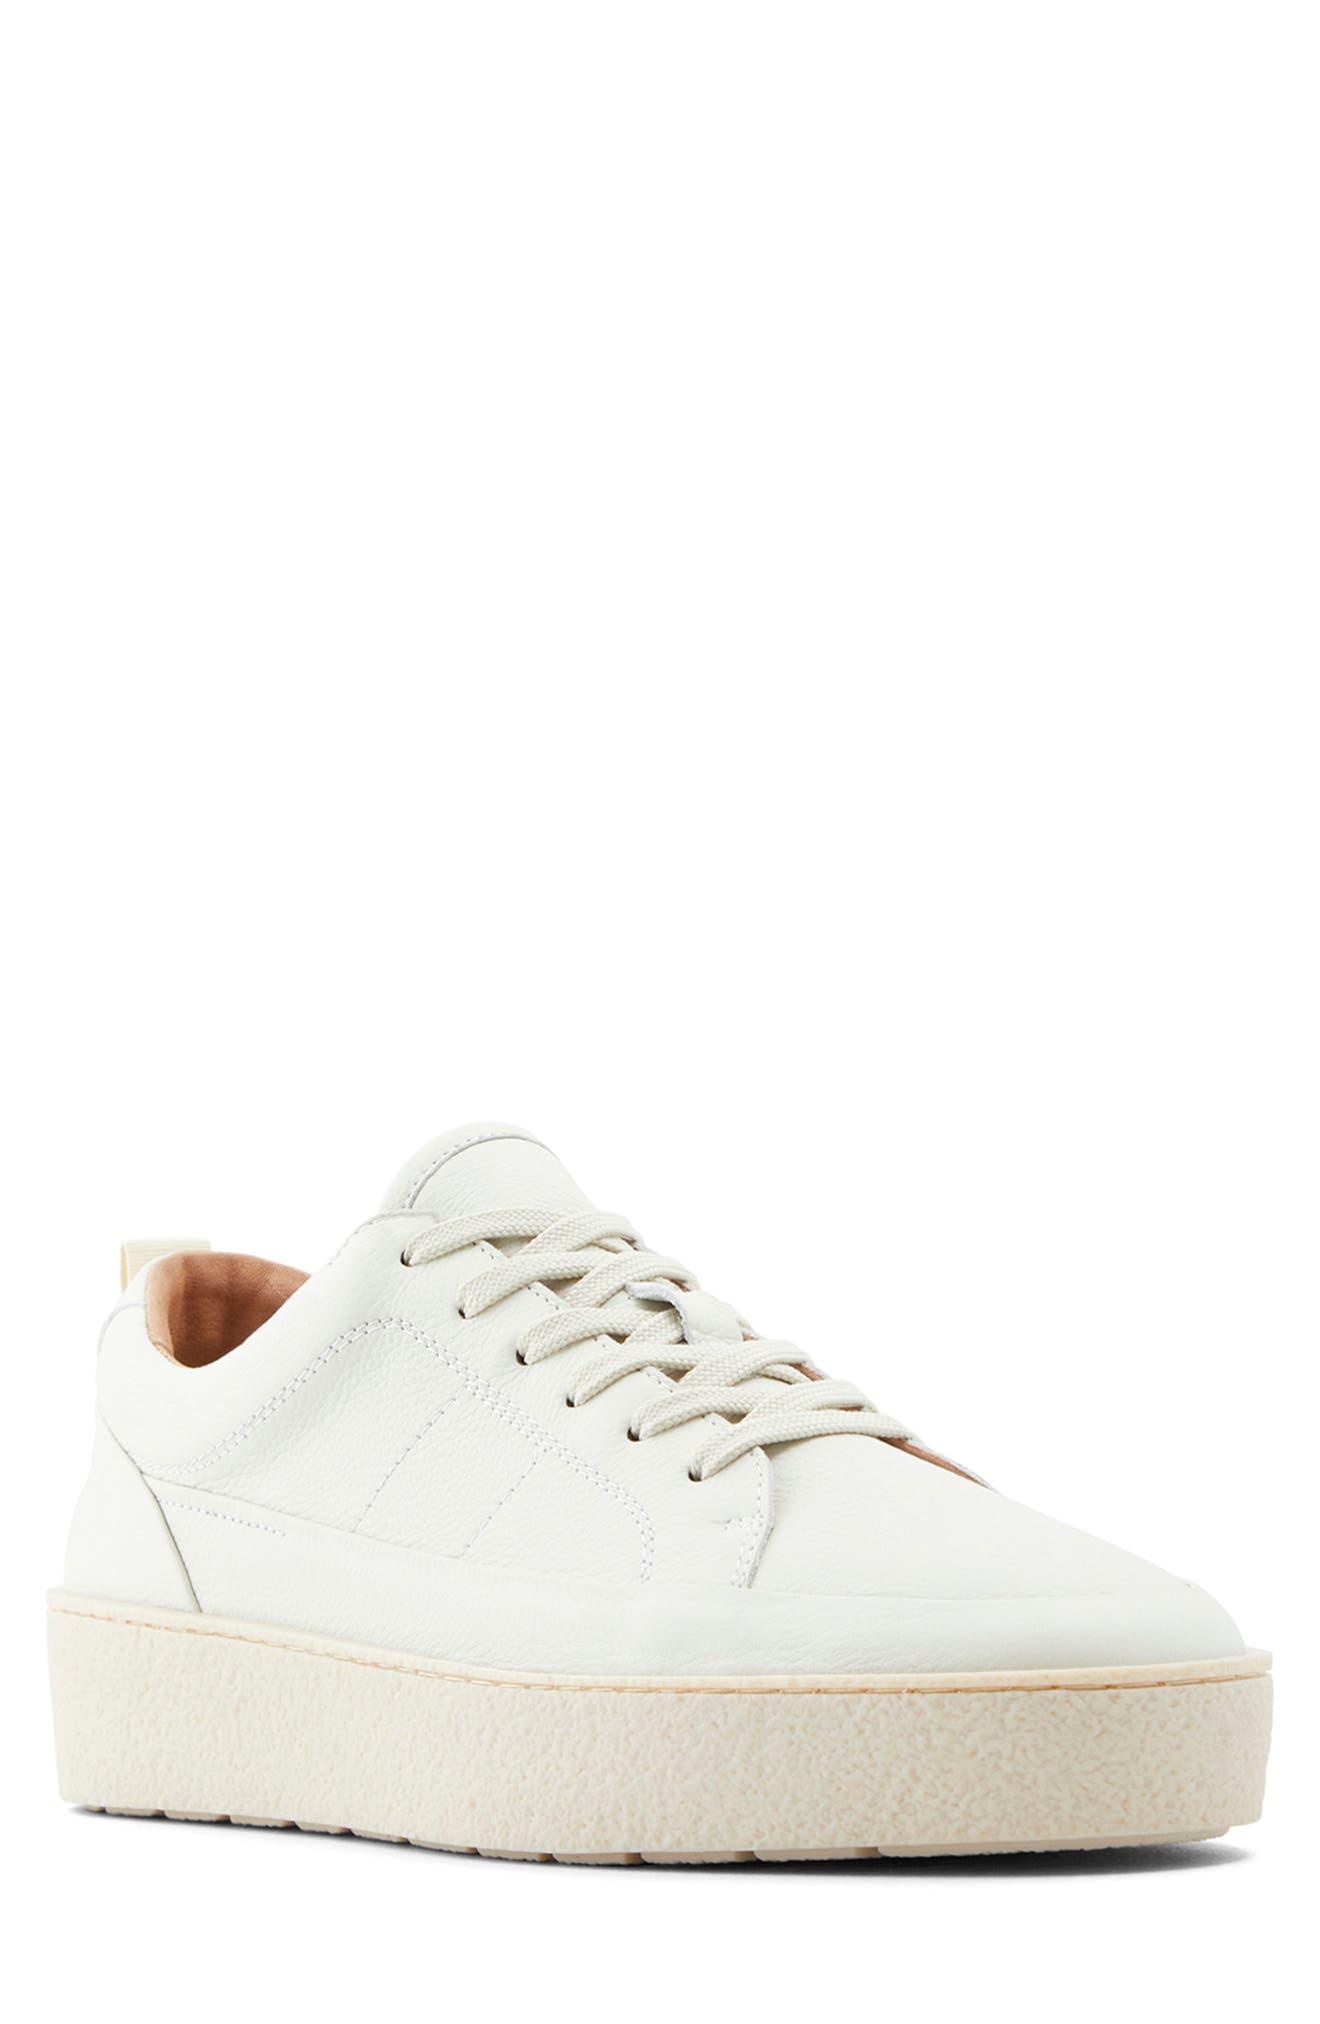 Men's Mr. B's Wicerradien Sneaker